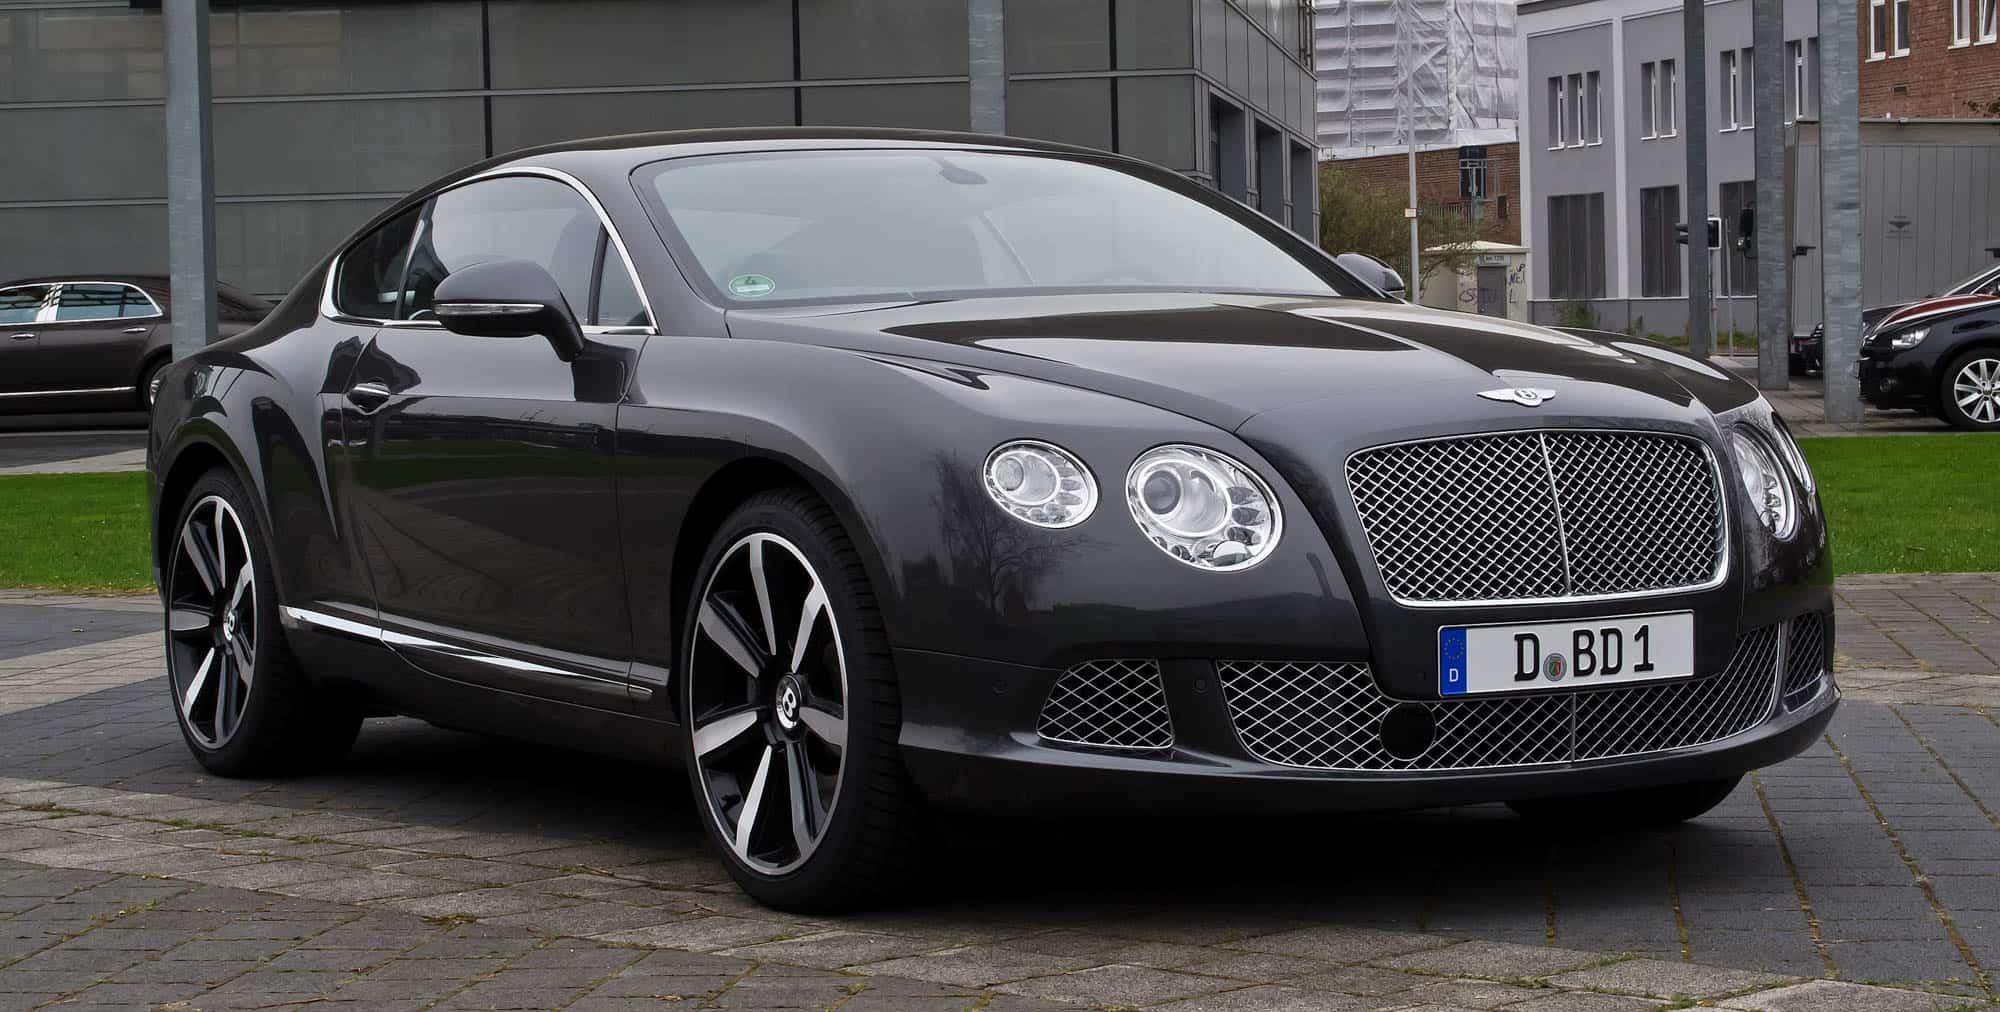 The Bentley Motors Guide